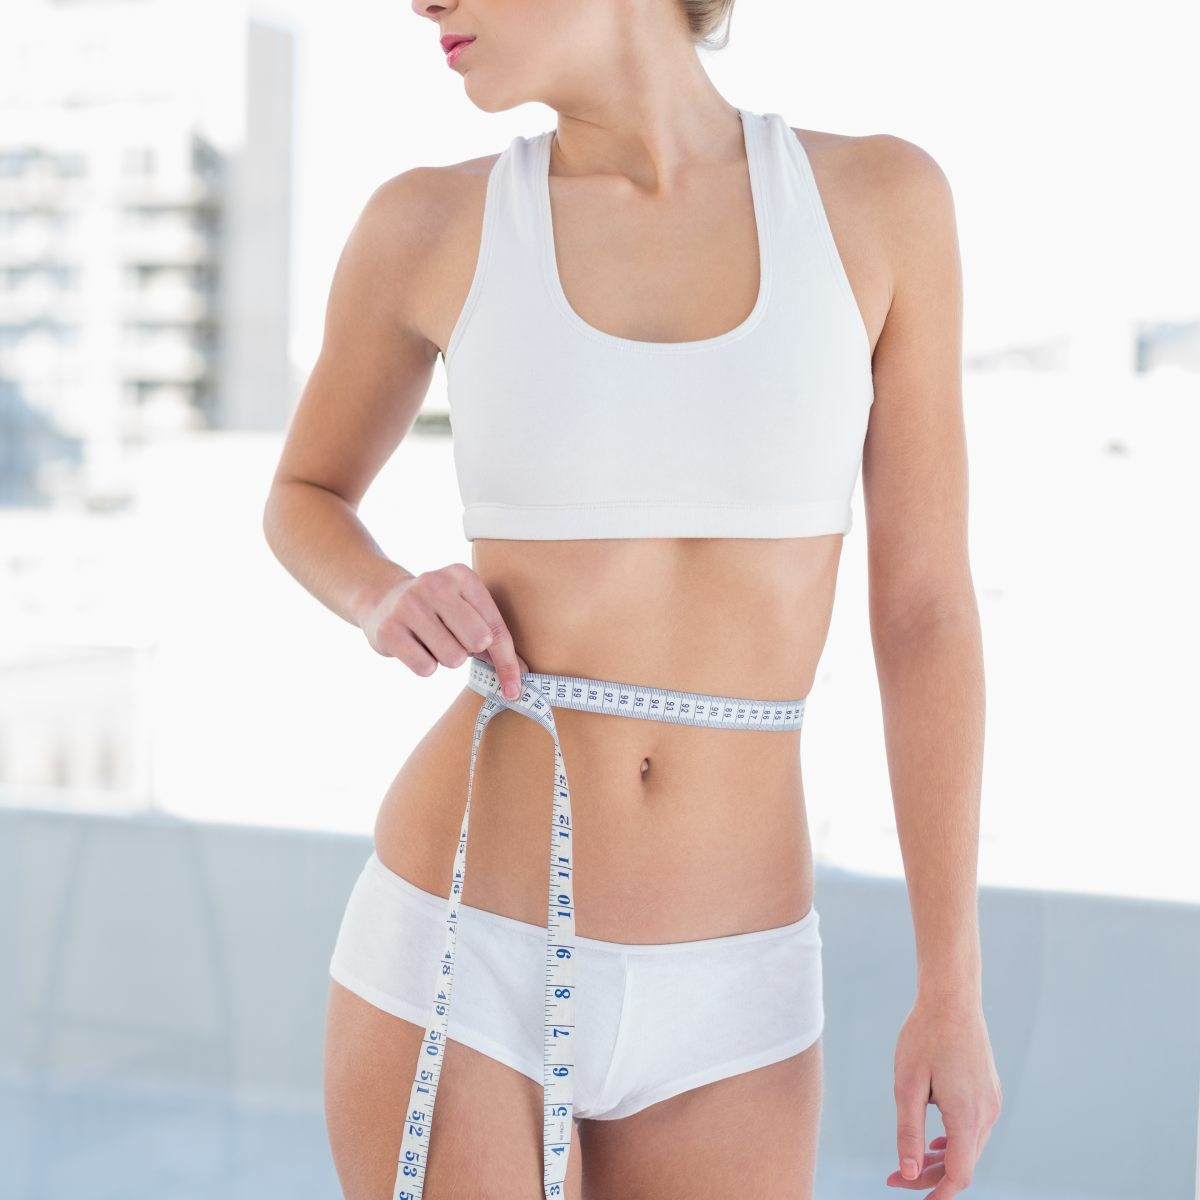 какой гормон отвечает за похудение